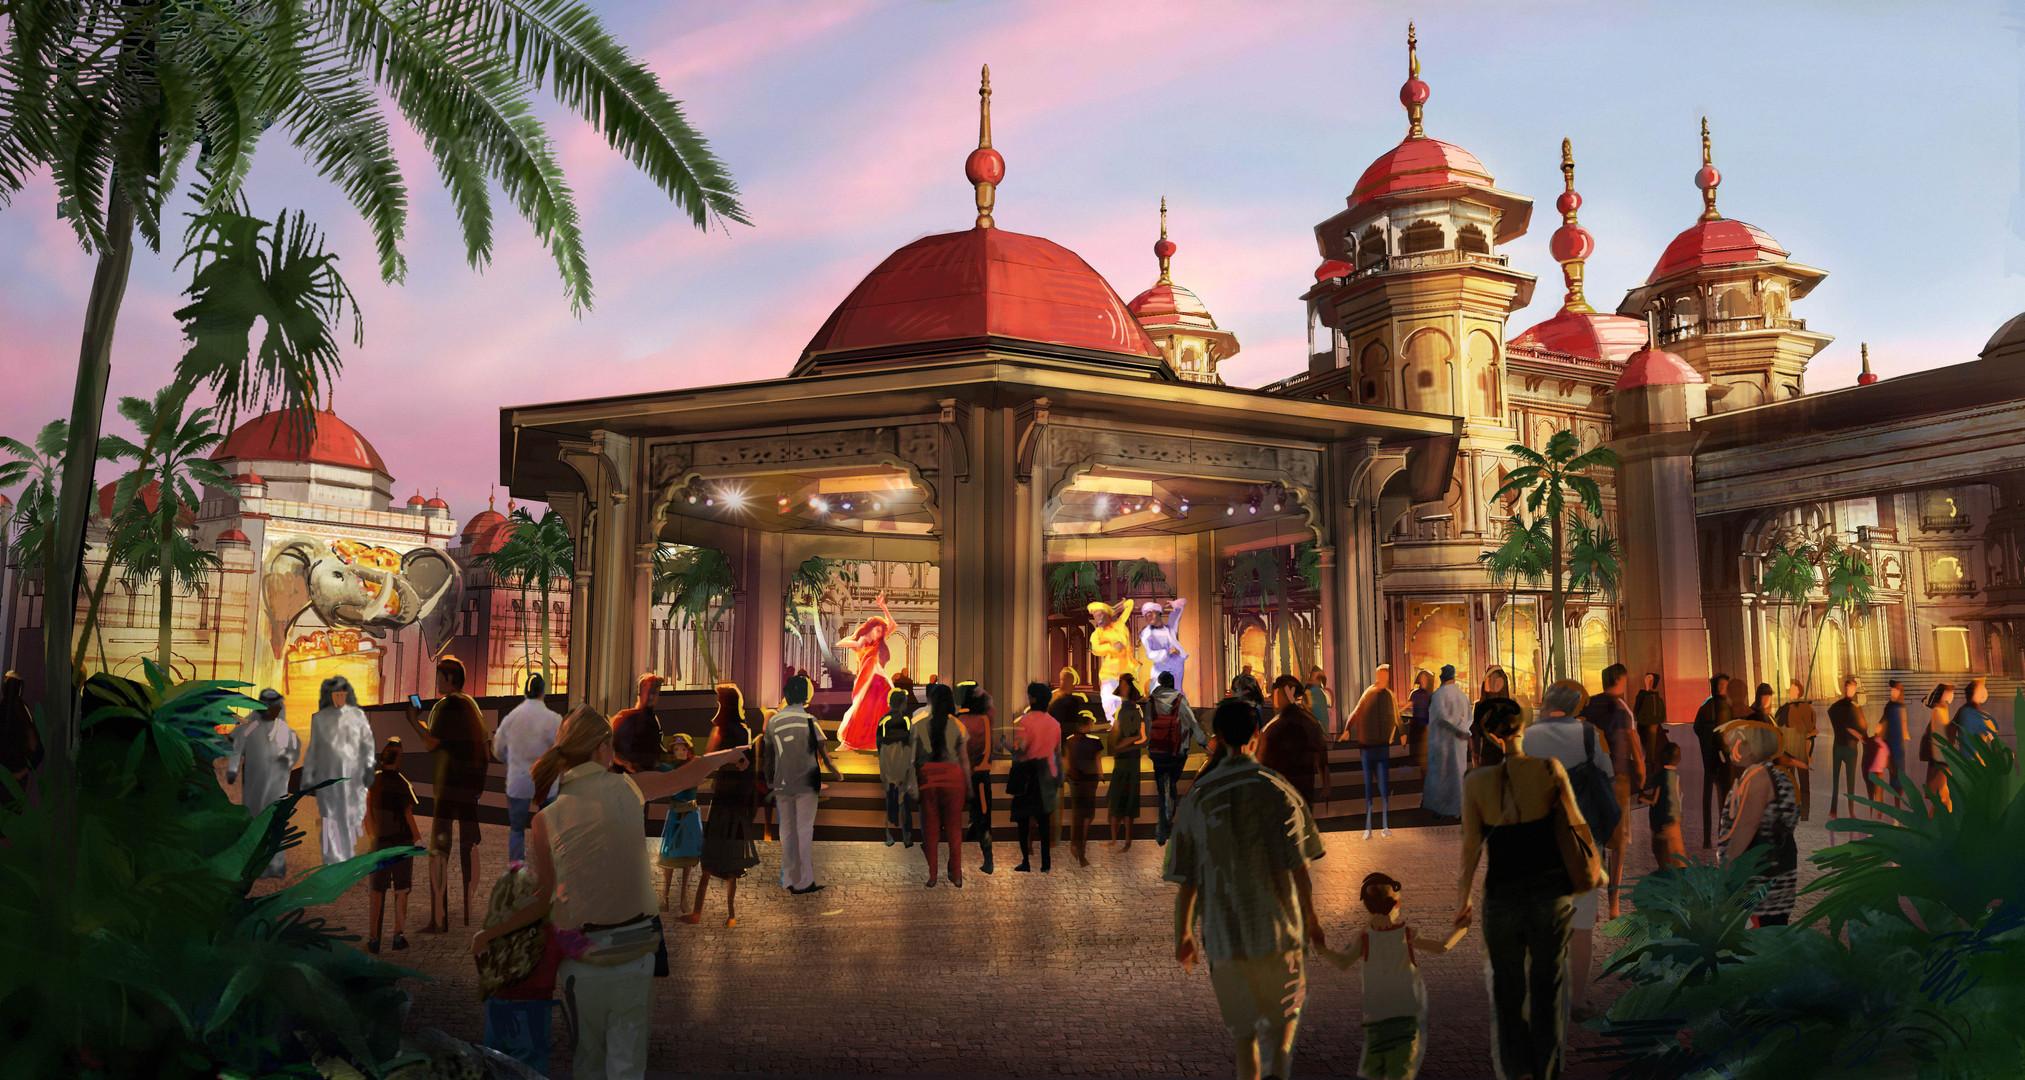 Dubai Parks - Bollywood-Regal